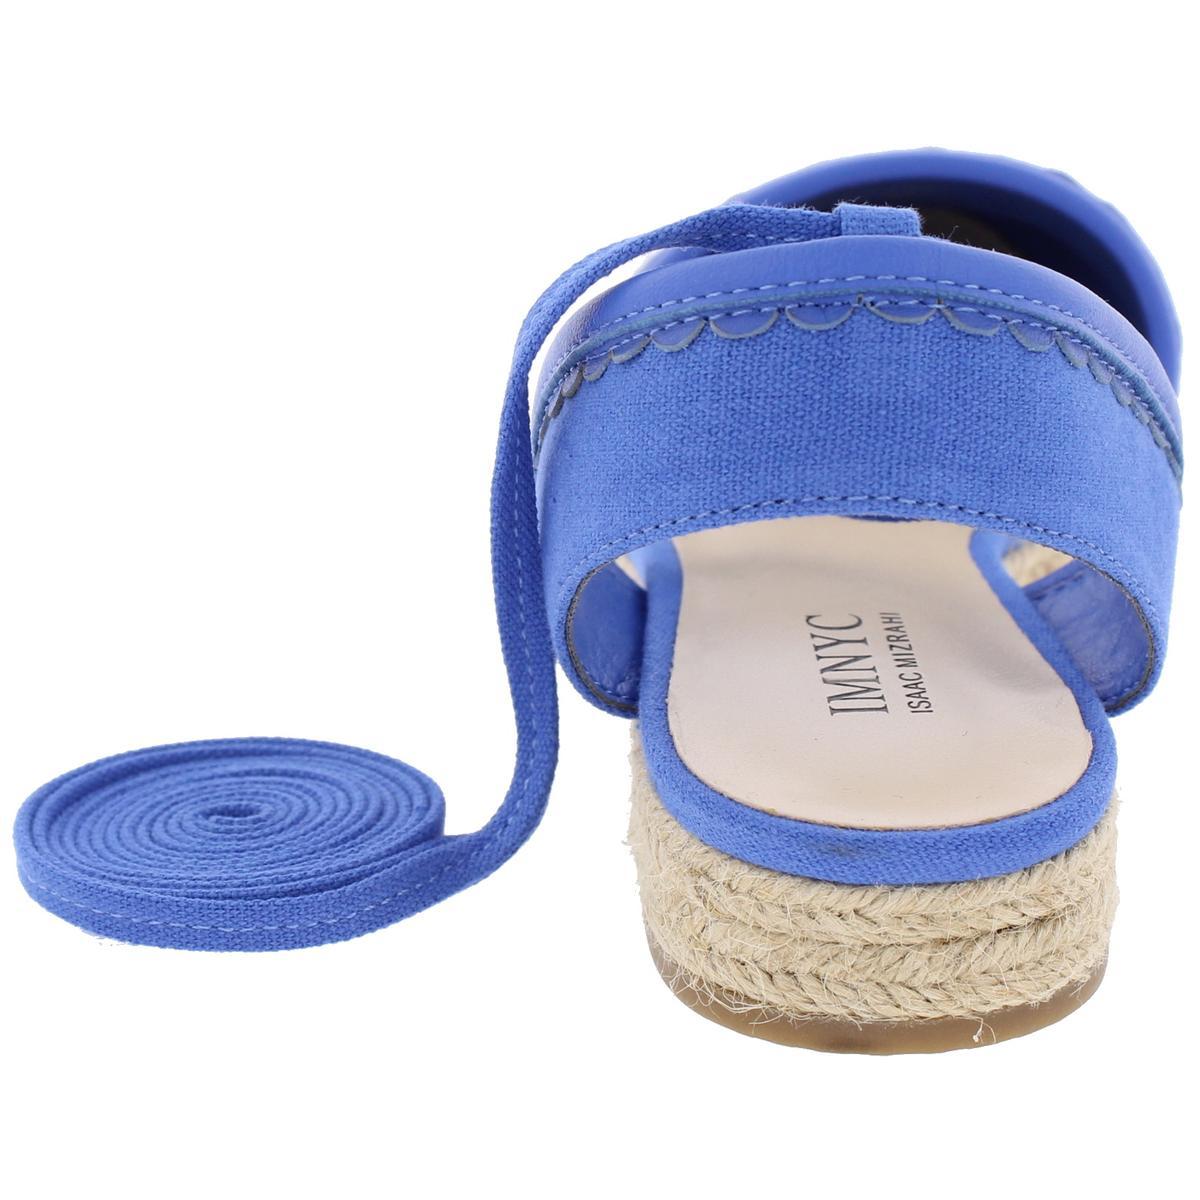 IMNYC-Isaac-Mizrahi-Womens-Hilda-Canvas-Flat-Sandals-Espadrilles-Shoes-BHFO-2640 thumbnail 7